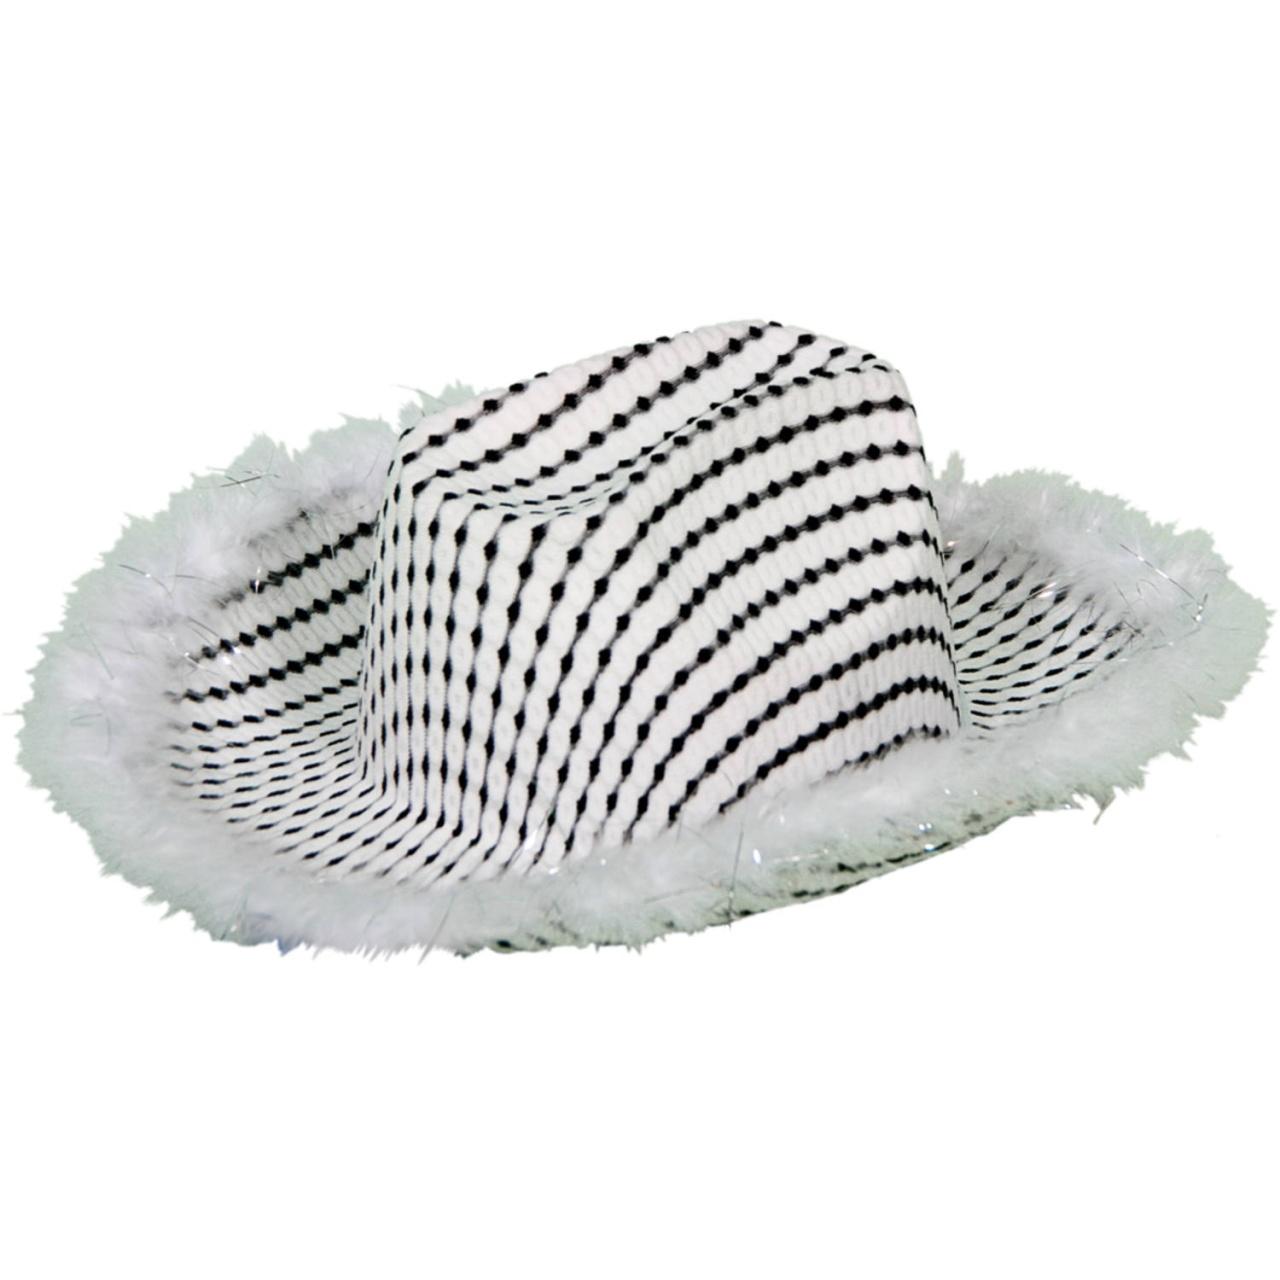 Cowboyhut mit Plüschrand schwarz-weiß für Erwachsene